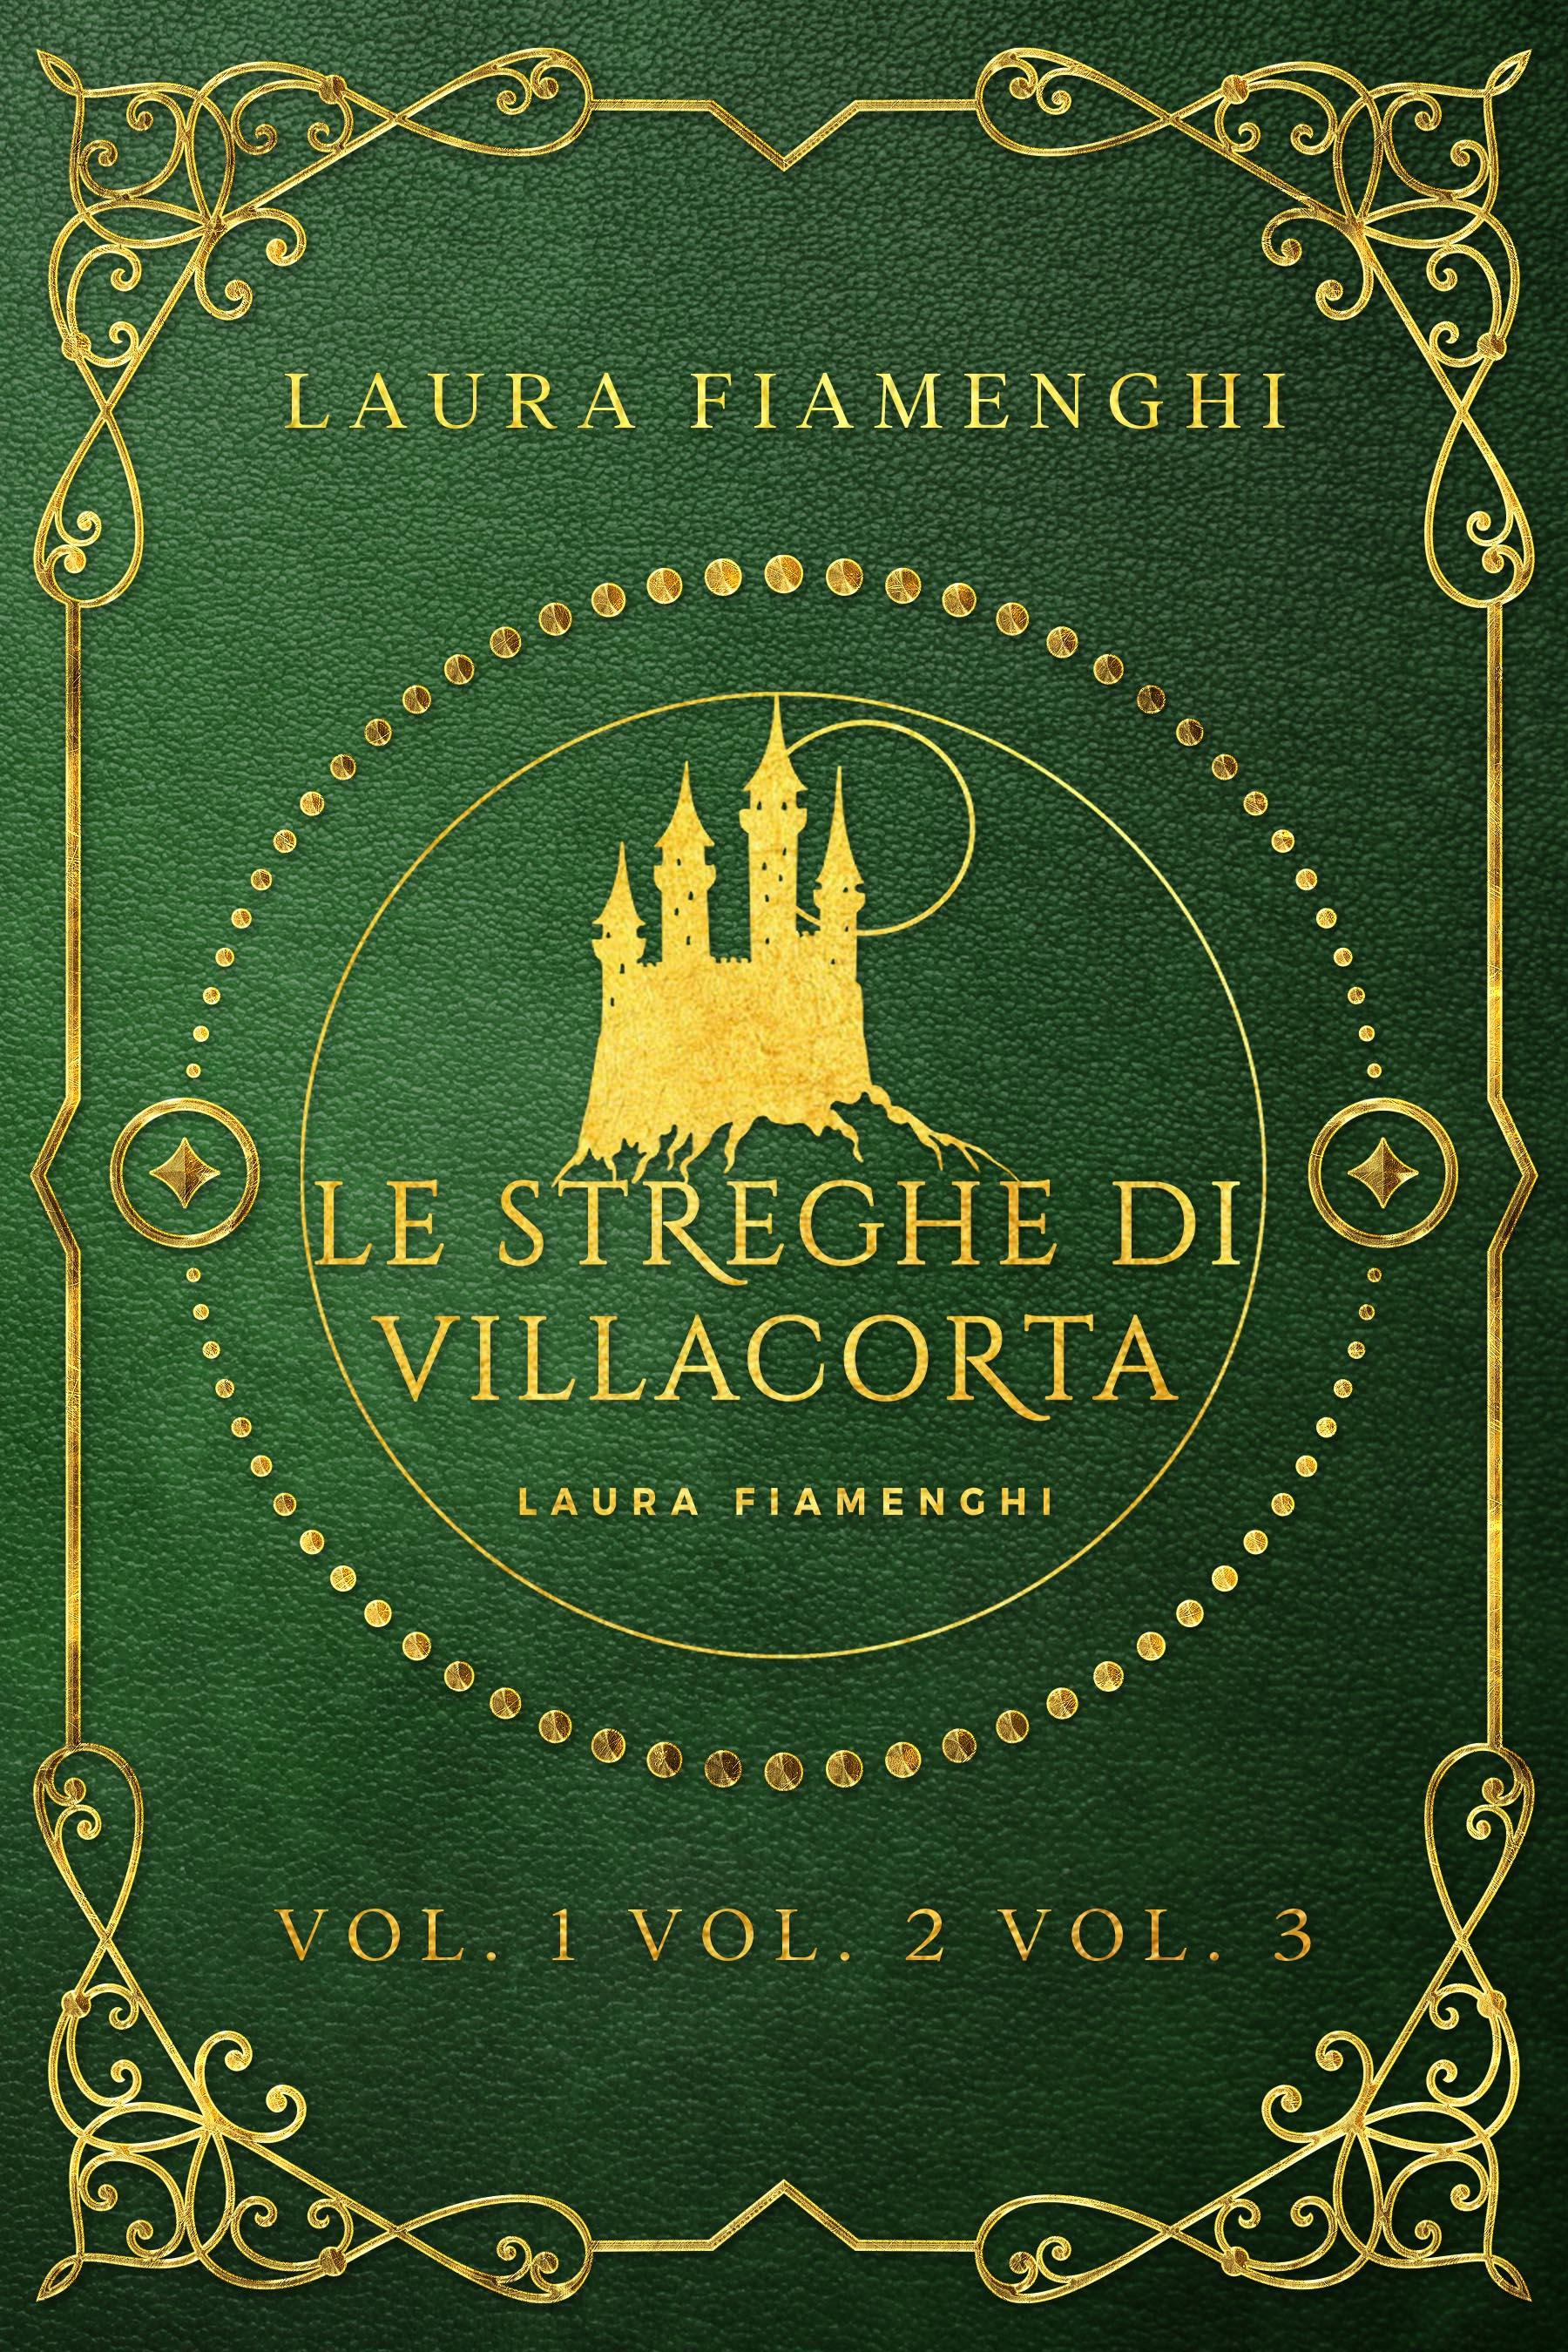 LE STREGHE DI VILLACORTA_low